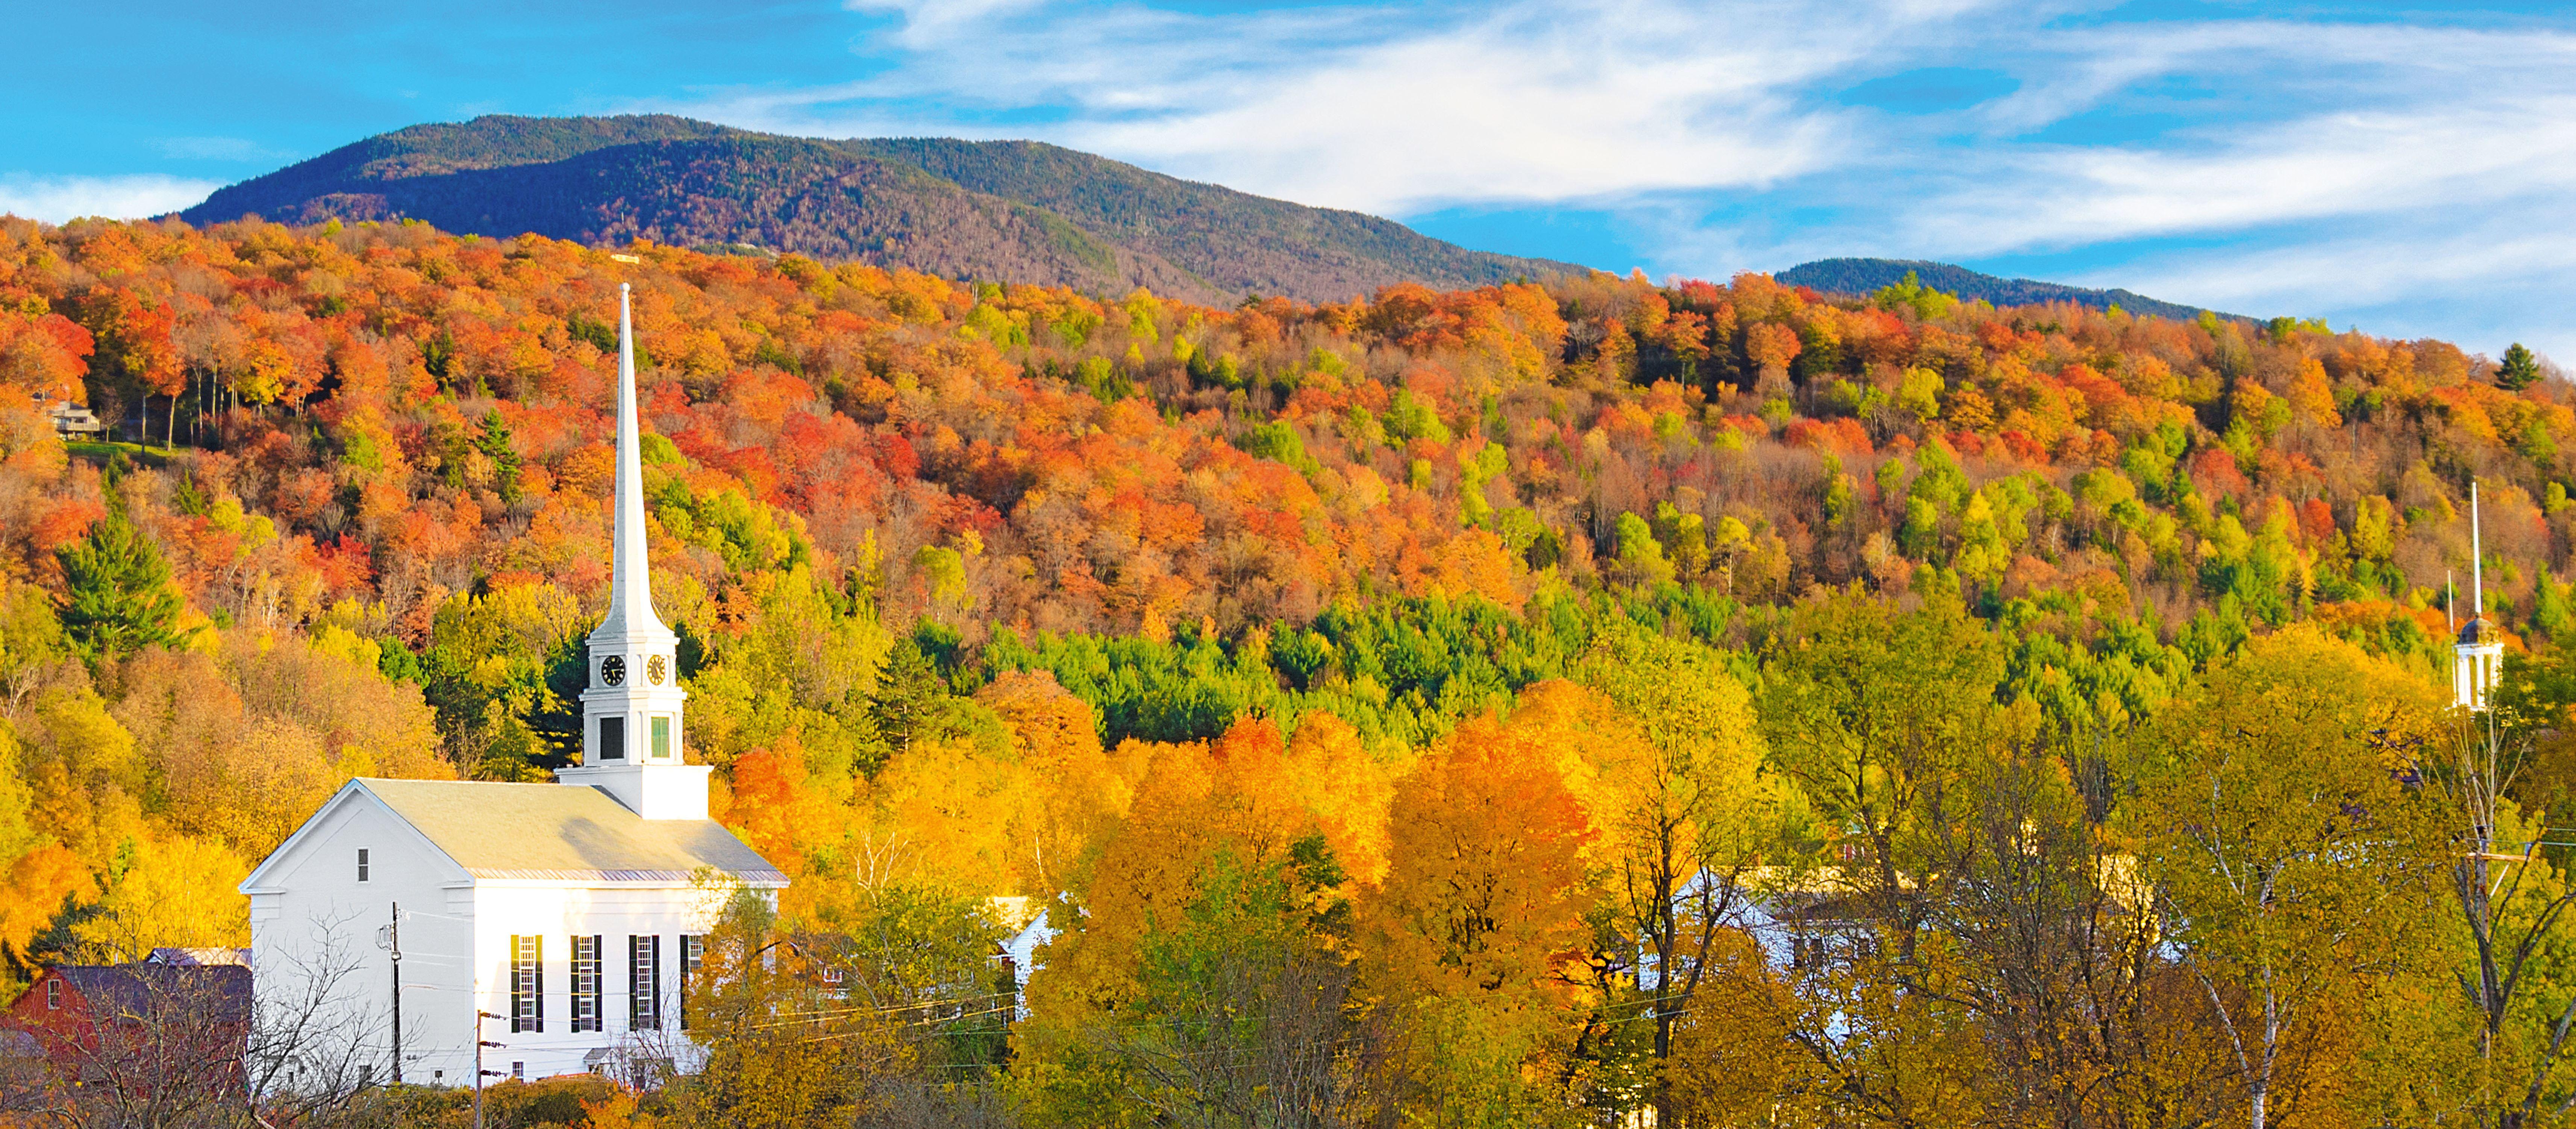 Die Stowe Community Church im Herbst